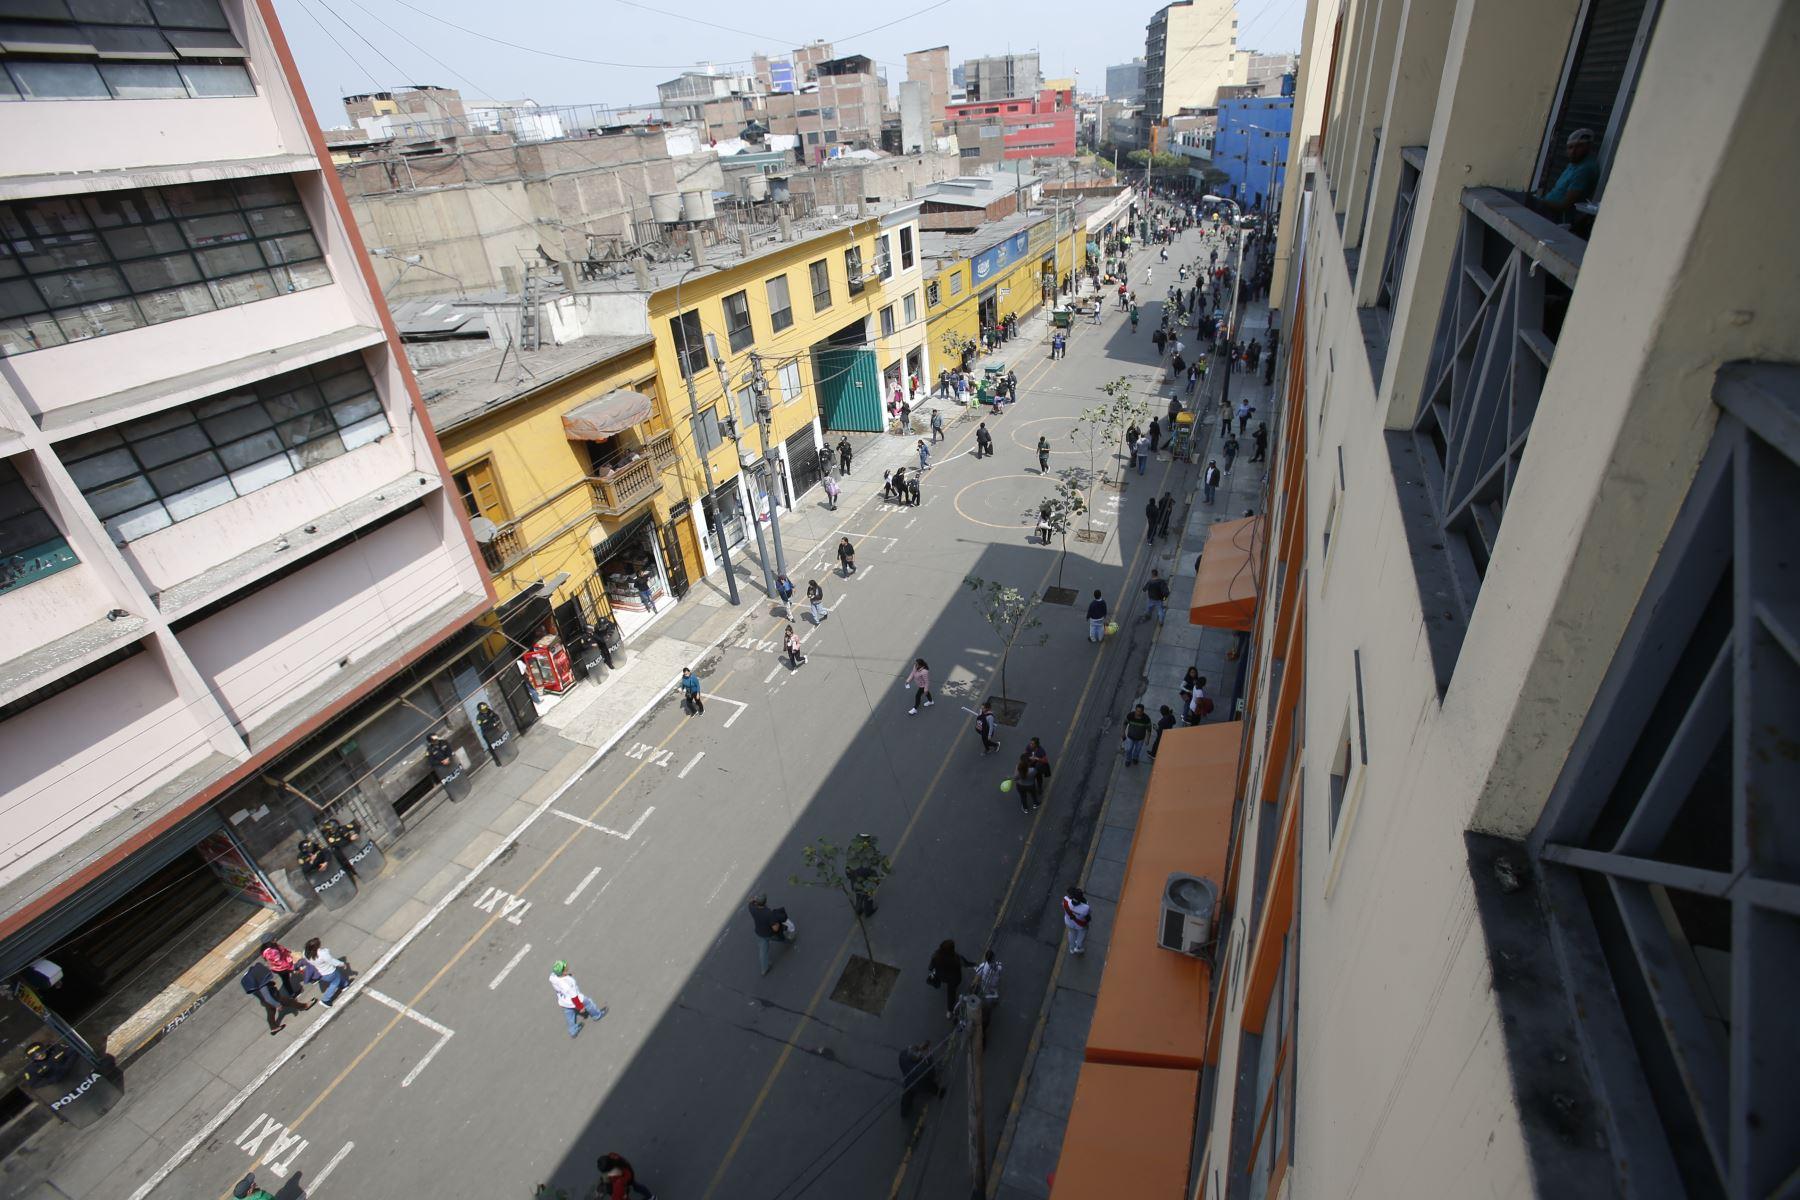 Municipalidad de Lima retiró a ambulantes informales de Mesa Redonda. Desalojo se efectuó entre jirones Ayacucho y Puno, en Centro de Lima. Foto: ANDINA/Renato Pajuelo